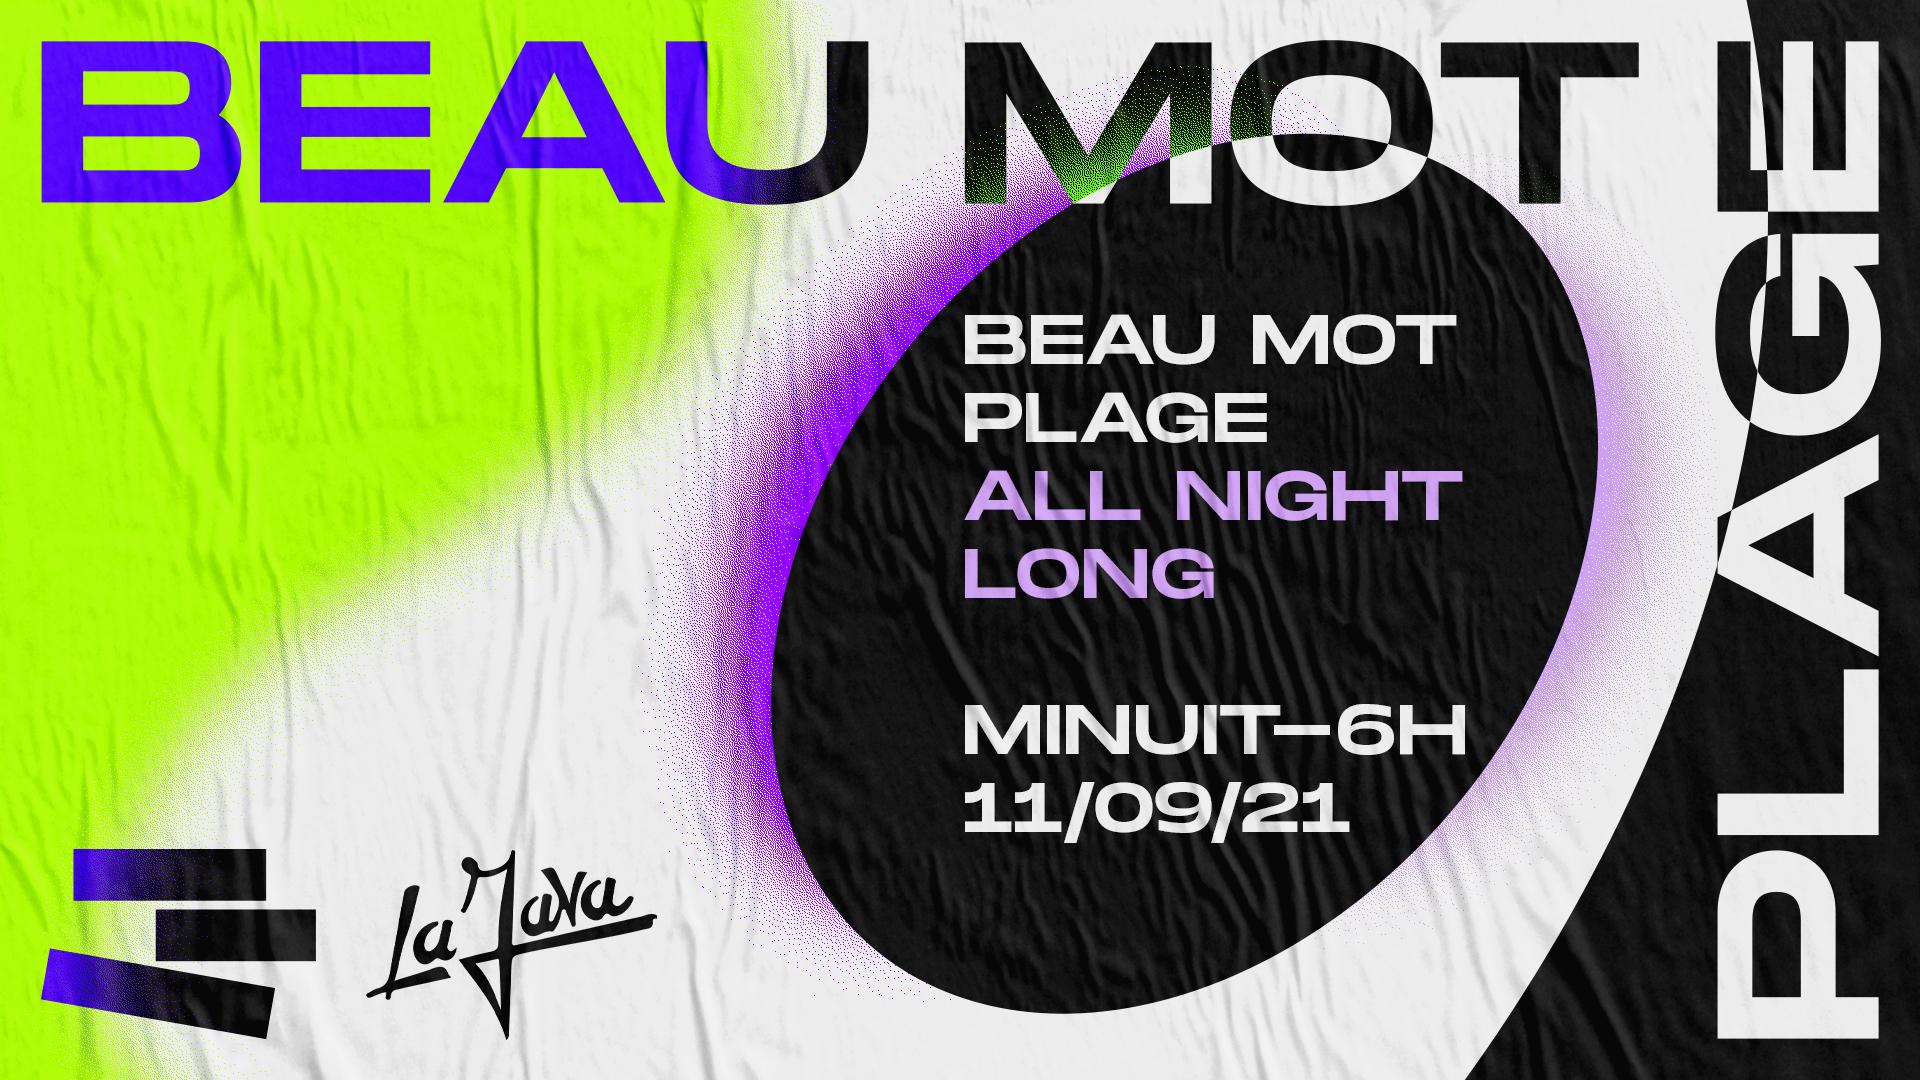 LA JAVA : BEAU MOT PLAGE - All night long